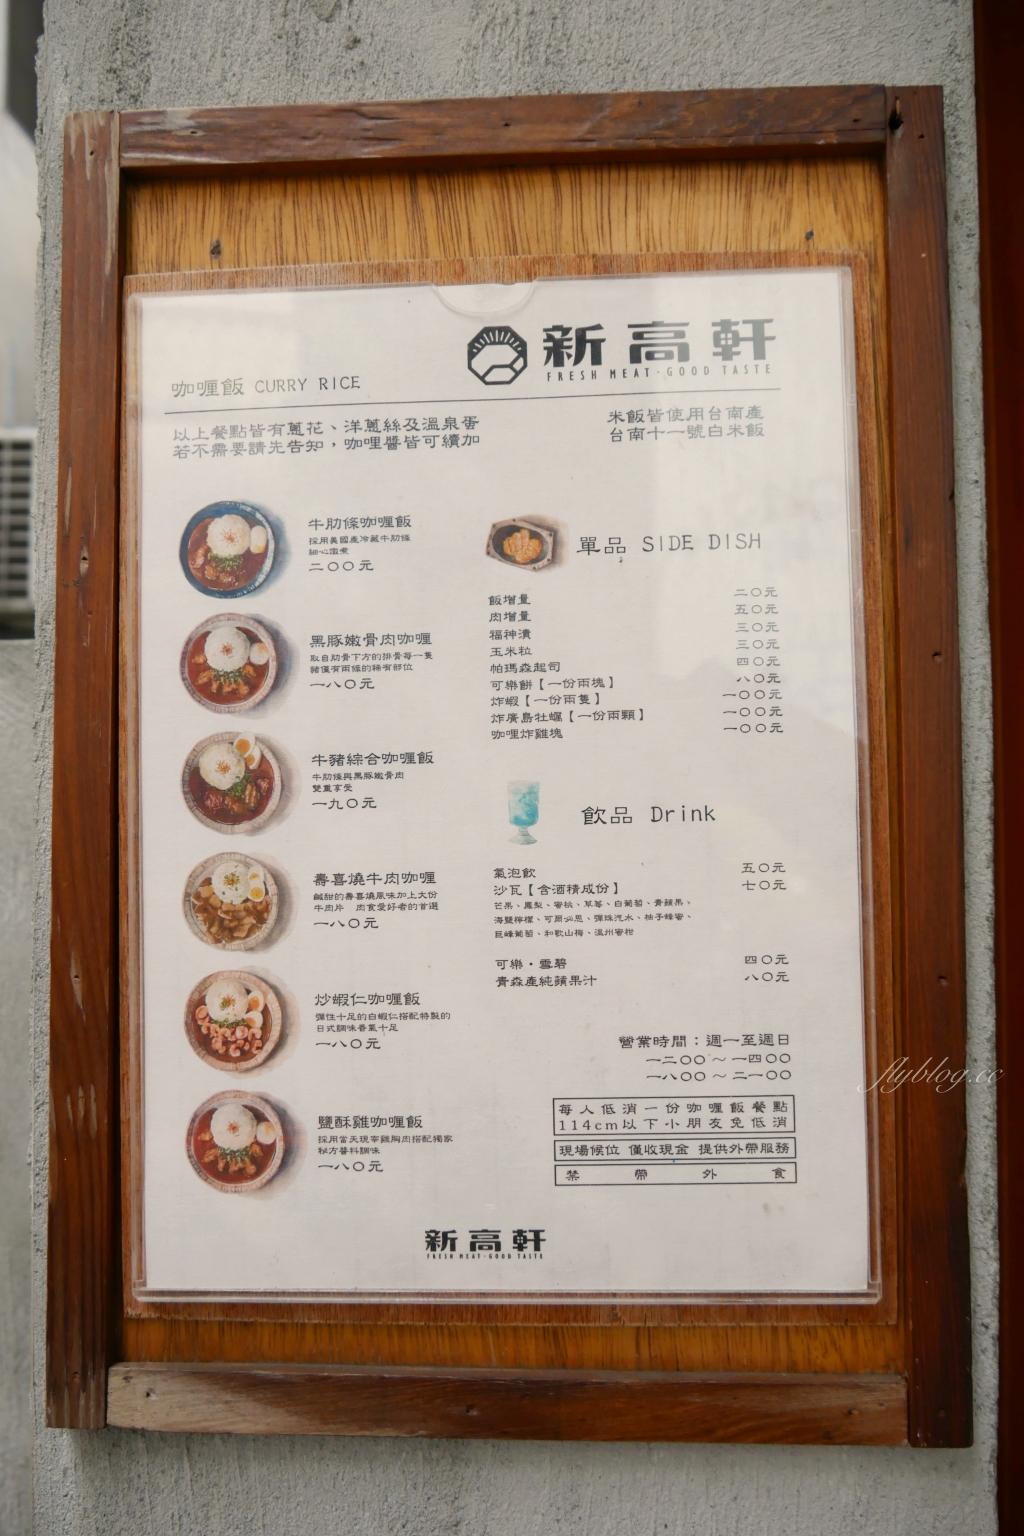 新高軒:藝人唐禹哲咖哩專賣店品牌,濃濃的復古風進駐台中一中商圈 @飛天璇的口袋